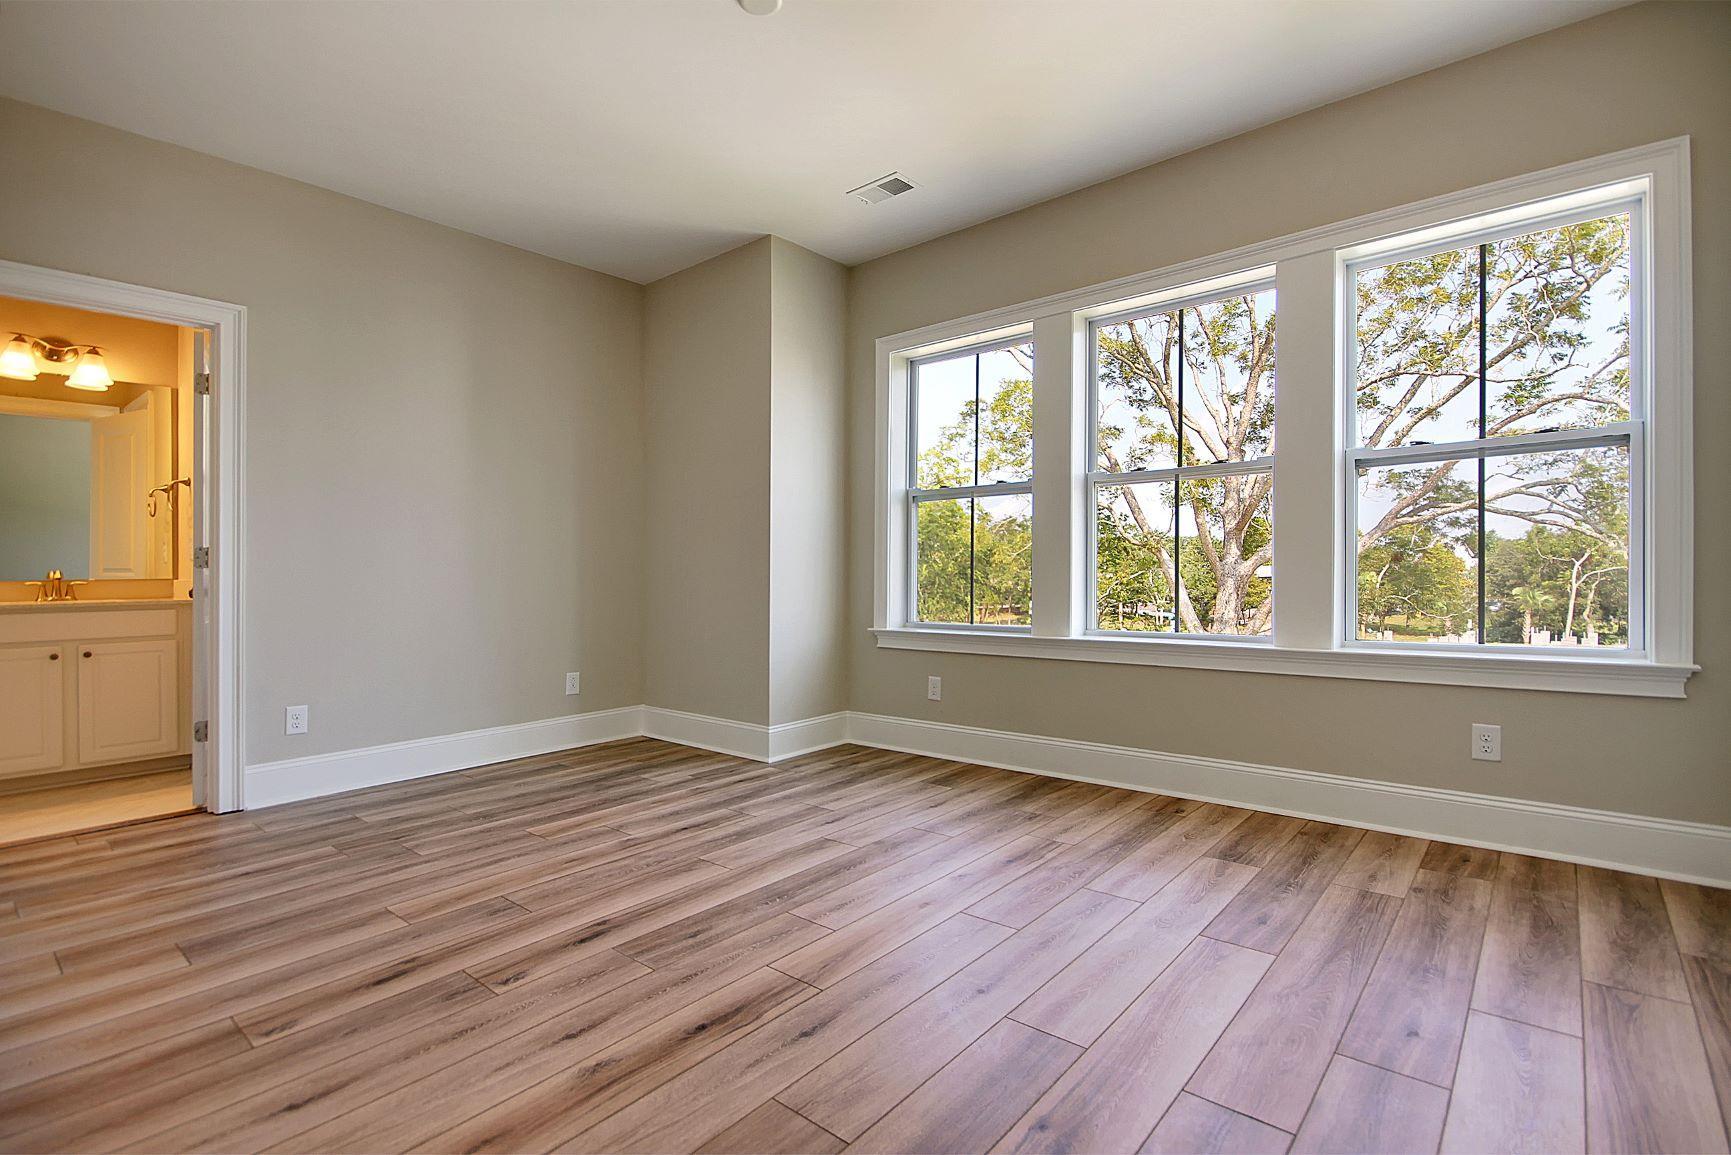 Kings Flats Homes For Sale - 121 Alder, Charleston, SC - 15